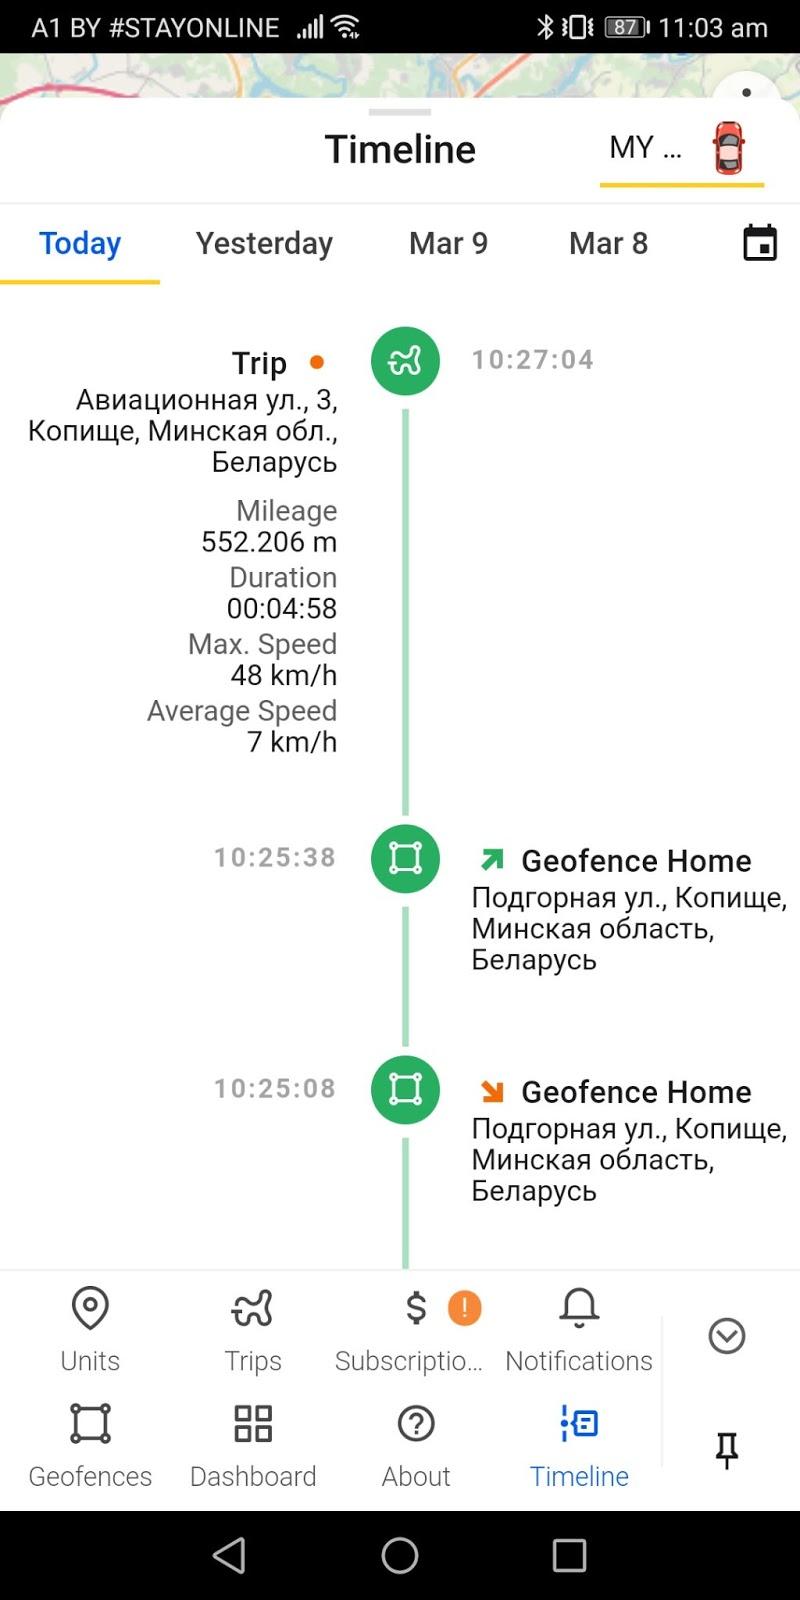 ruhavik timeline